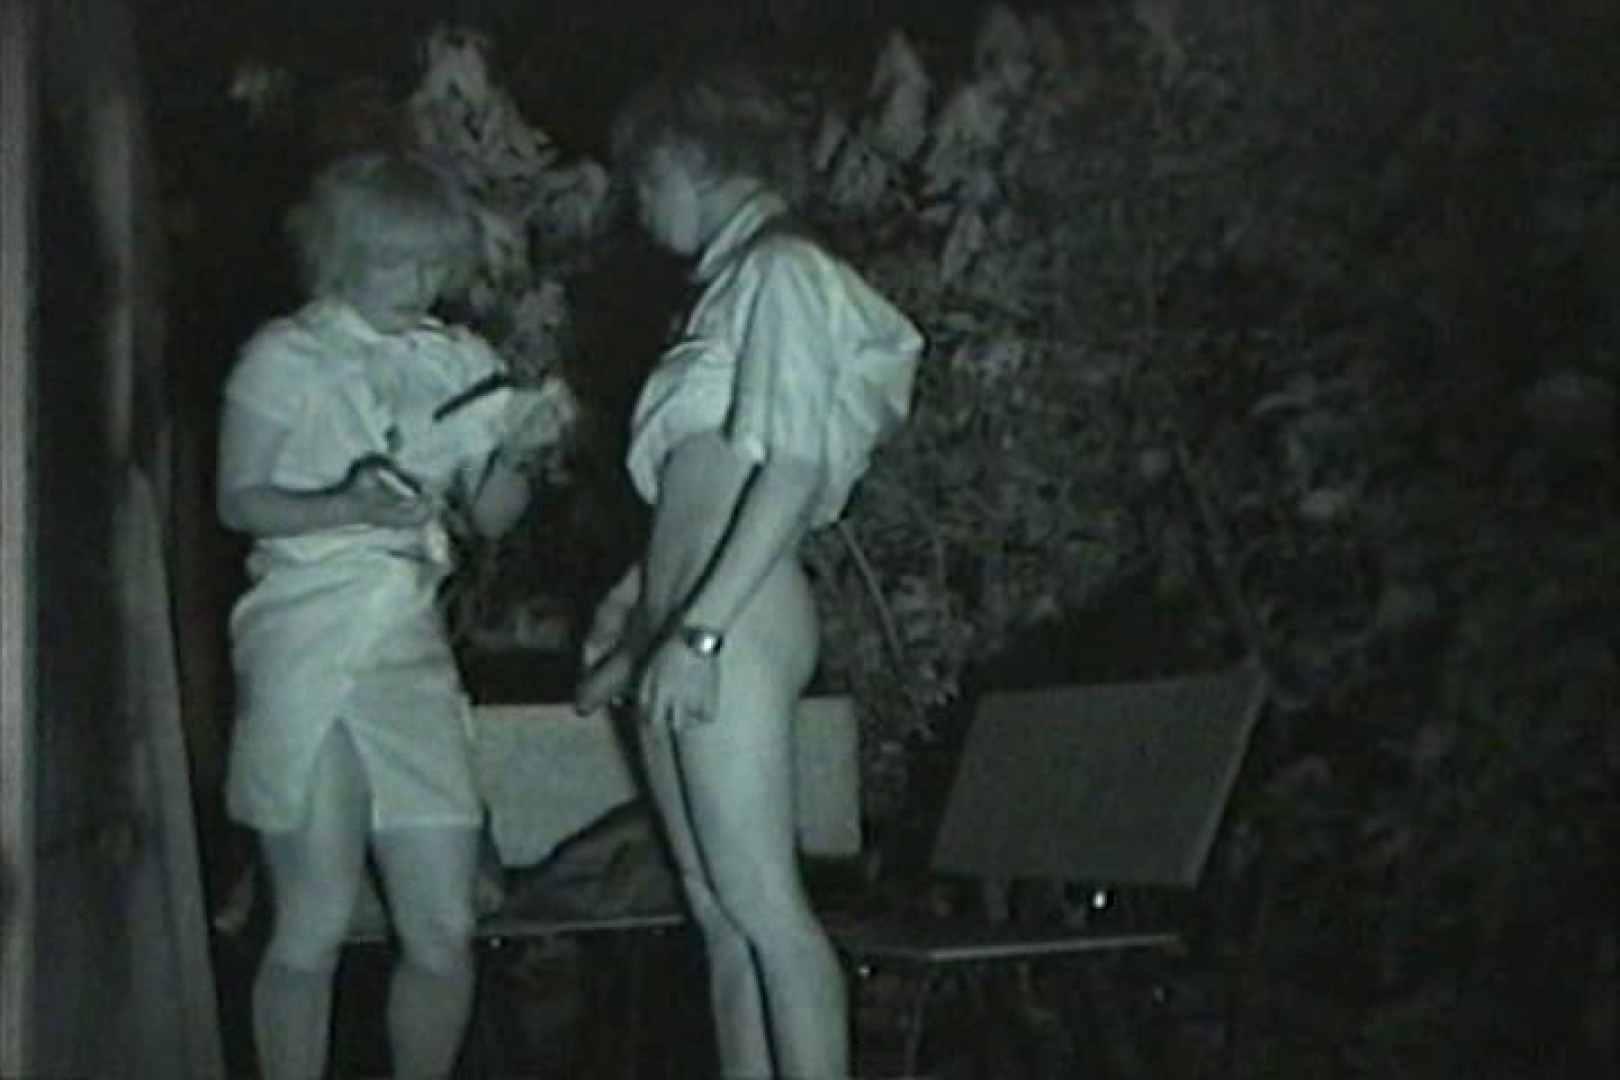 闇の仕掛け人 無修正版 Vol.24 セックス のぞき動画画像 102画像 88